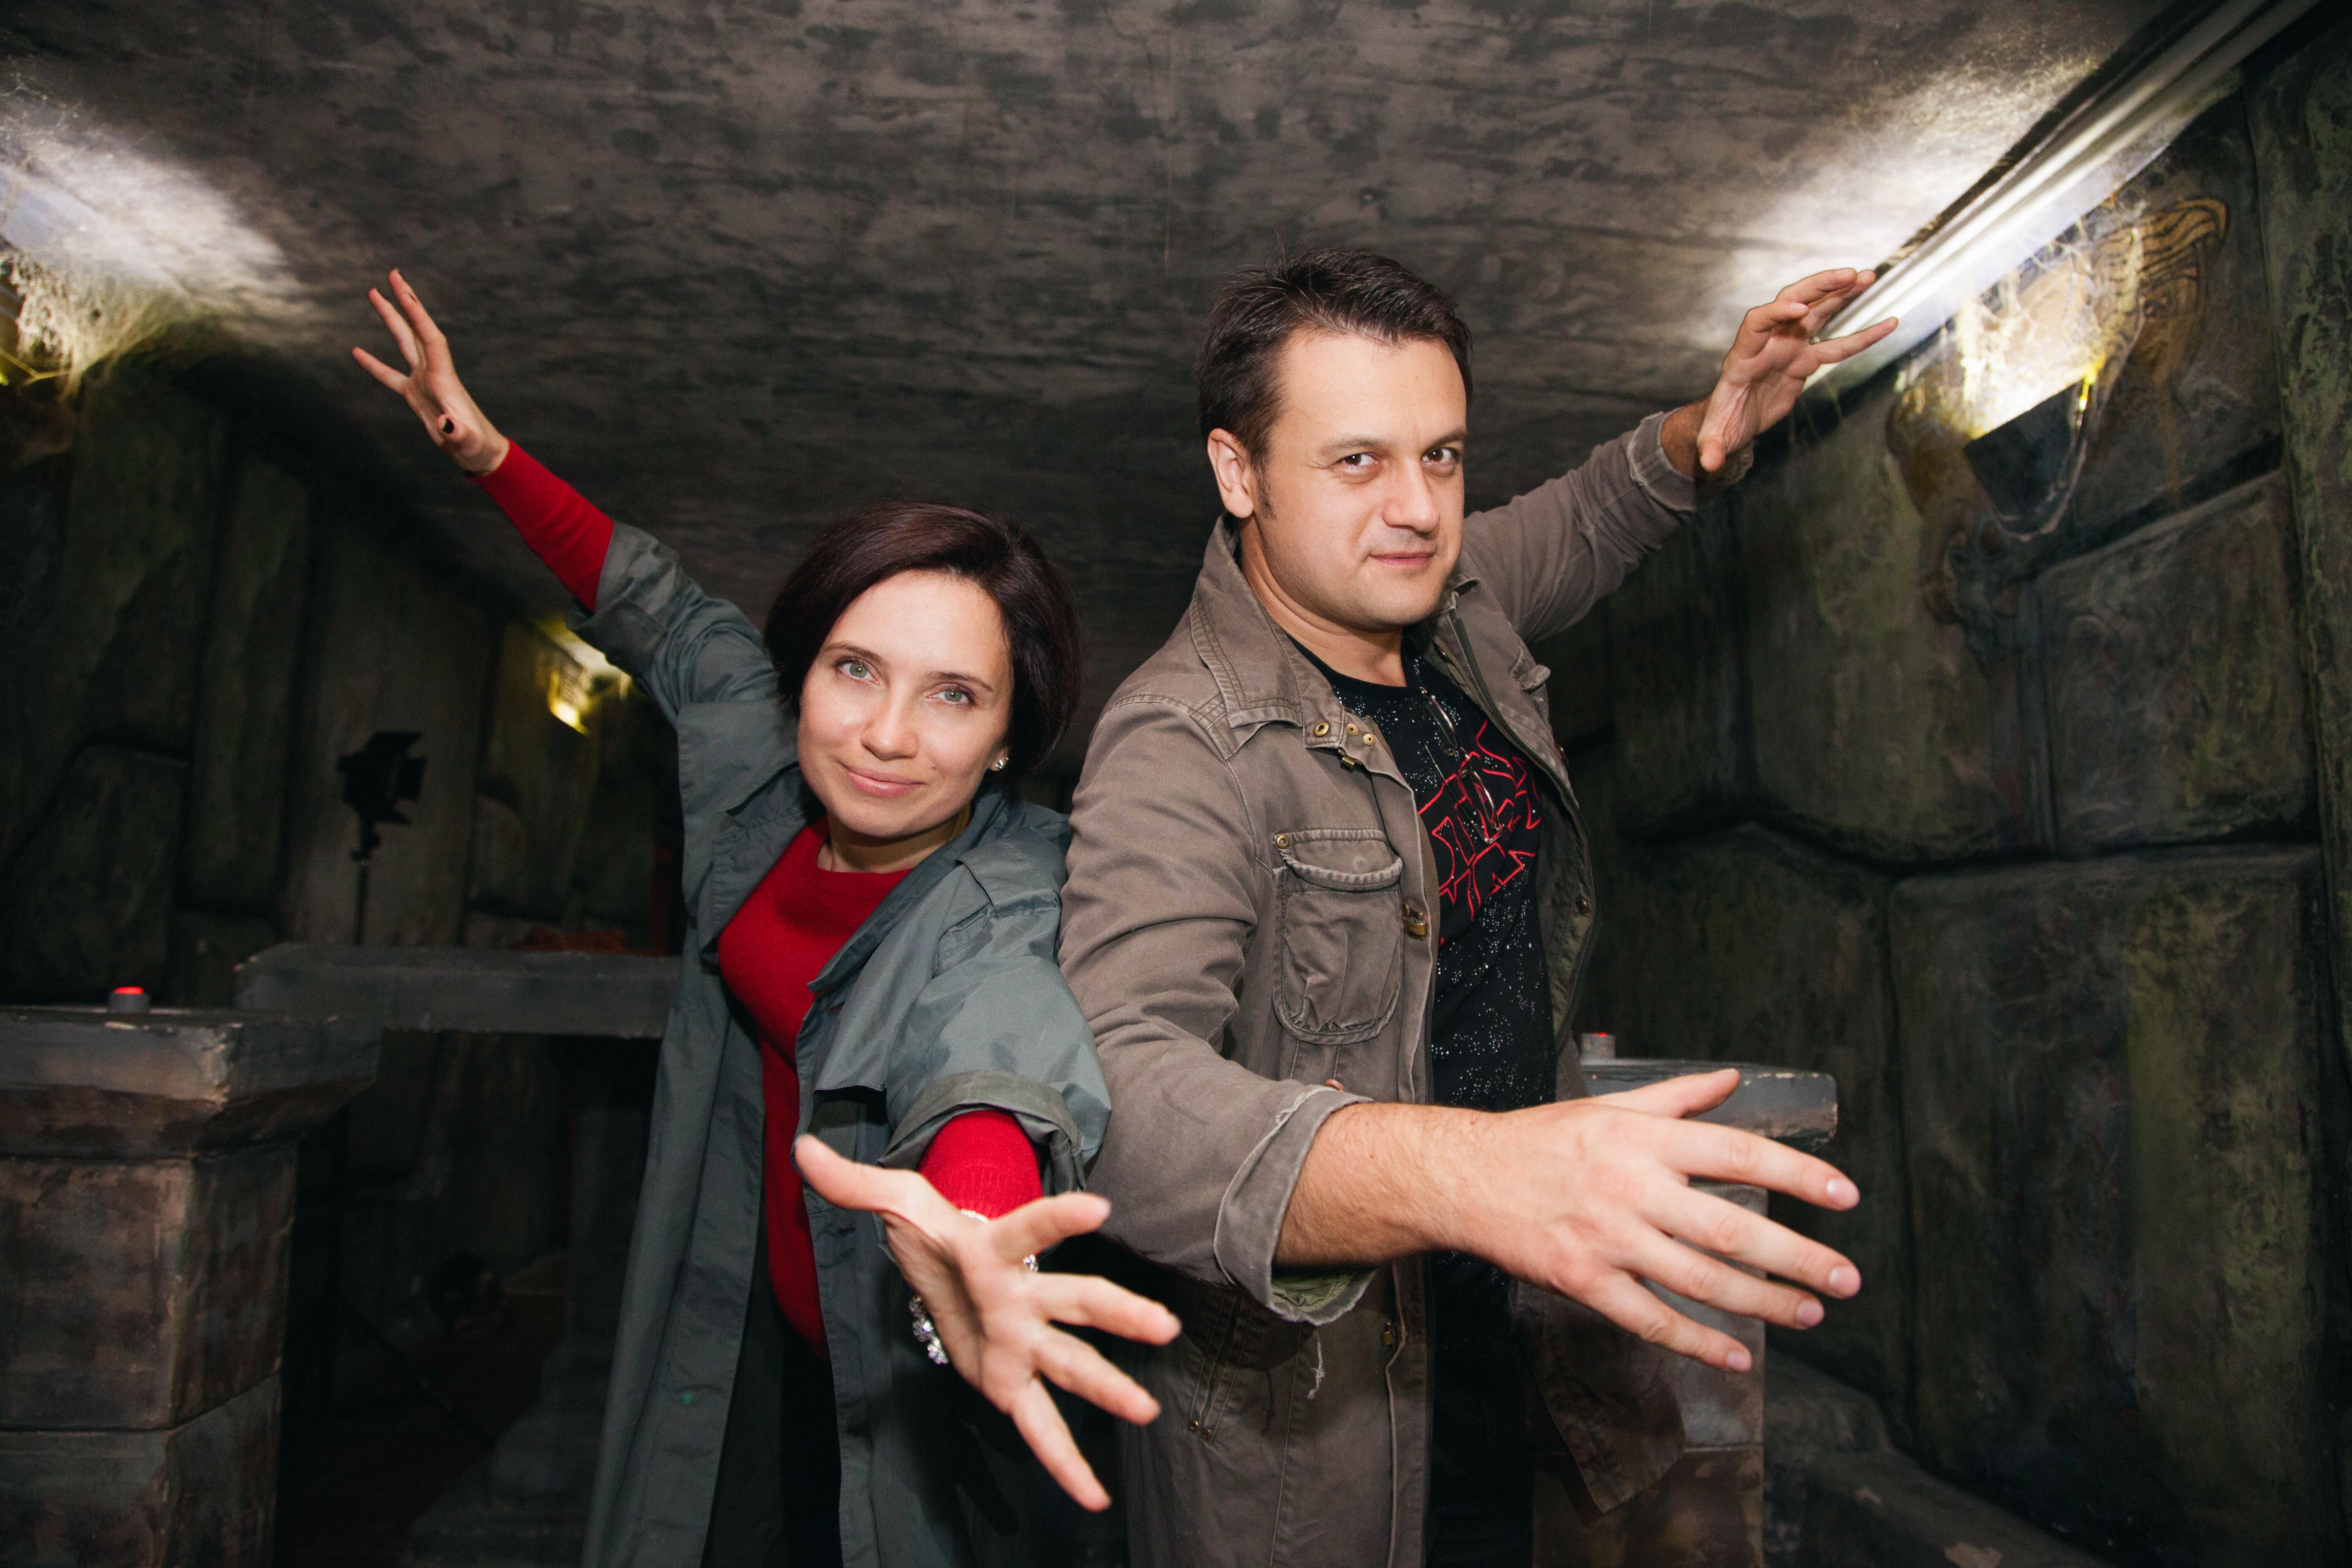 Романтический ужин в подземелье от сервиса романтики Альтечо (10)